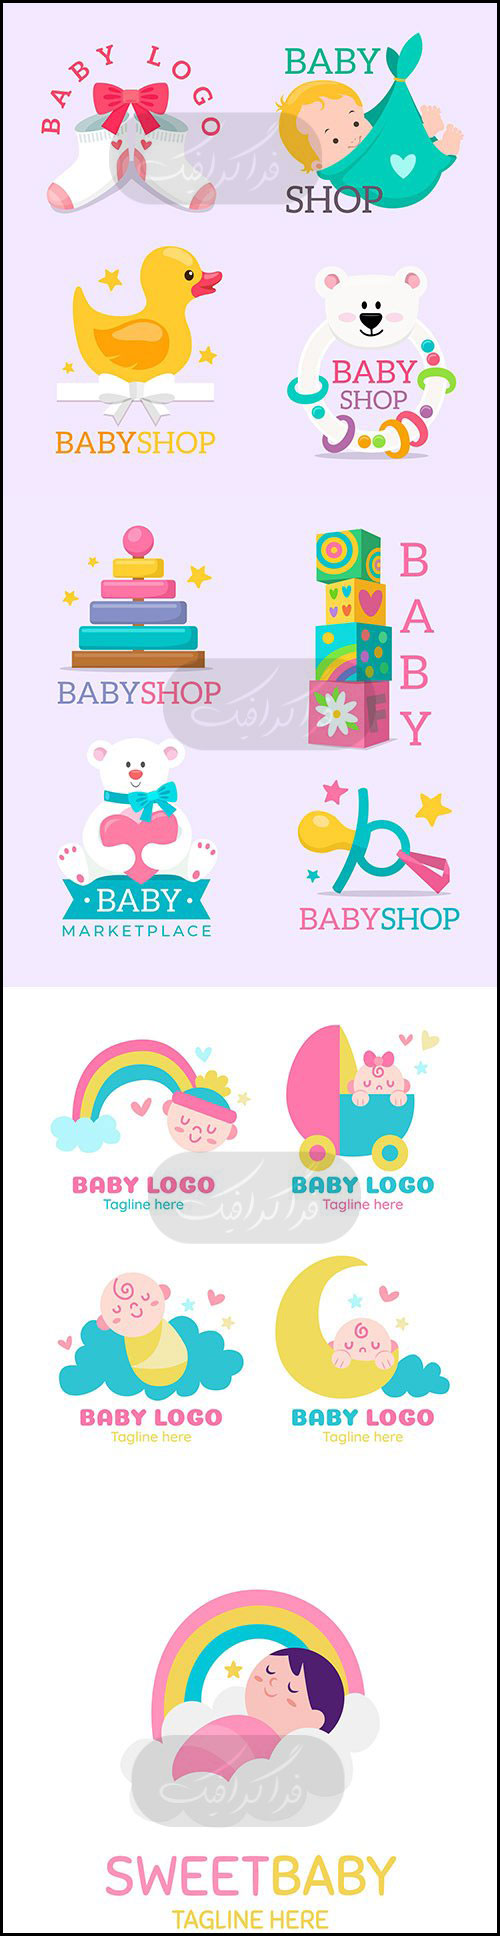 دانلود لوگو های فروشگاه وسایل کودک - شماره 4